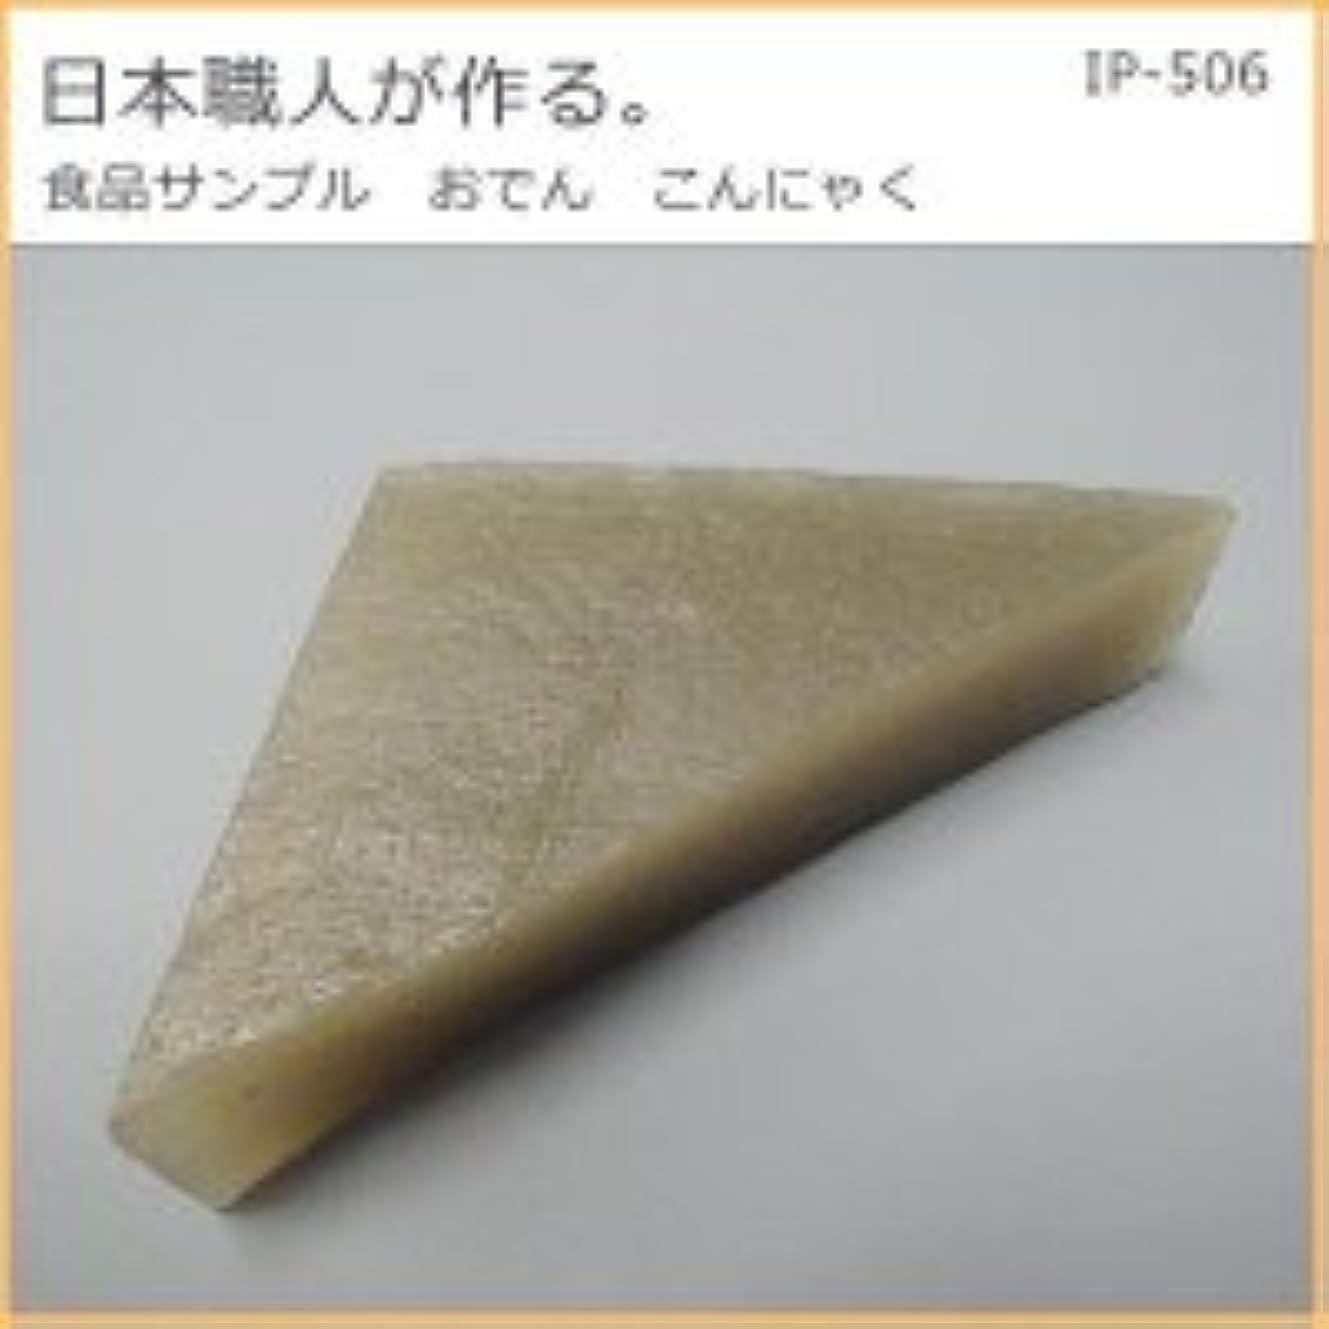 レトルトボーカルファントム日本職人が作る 食品サンプル おでん こんにゃく IP-506